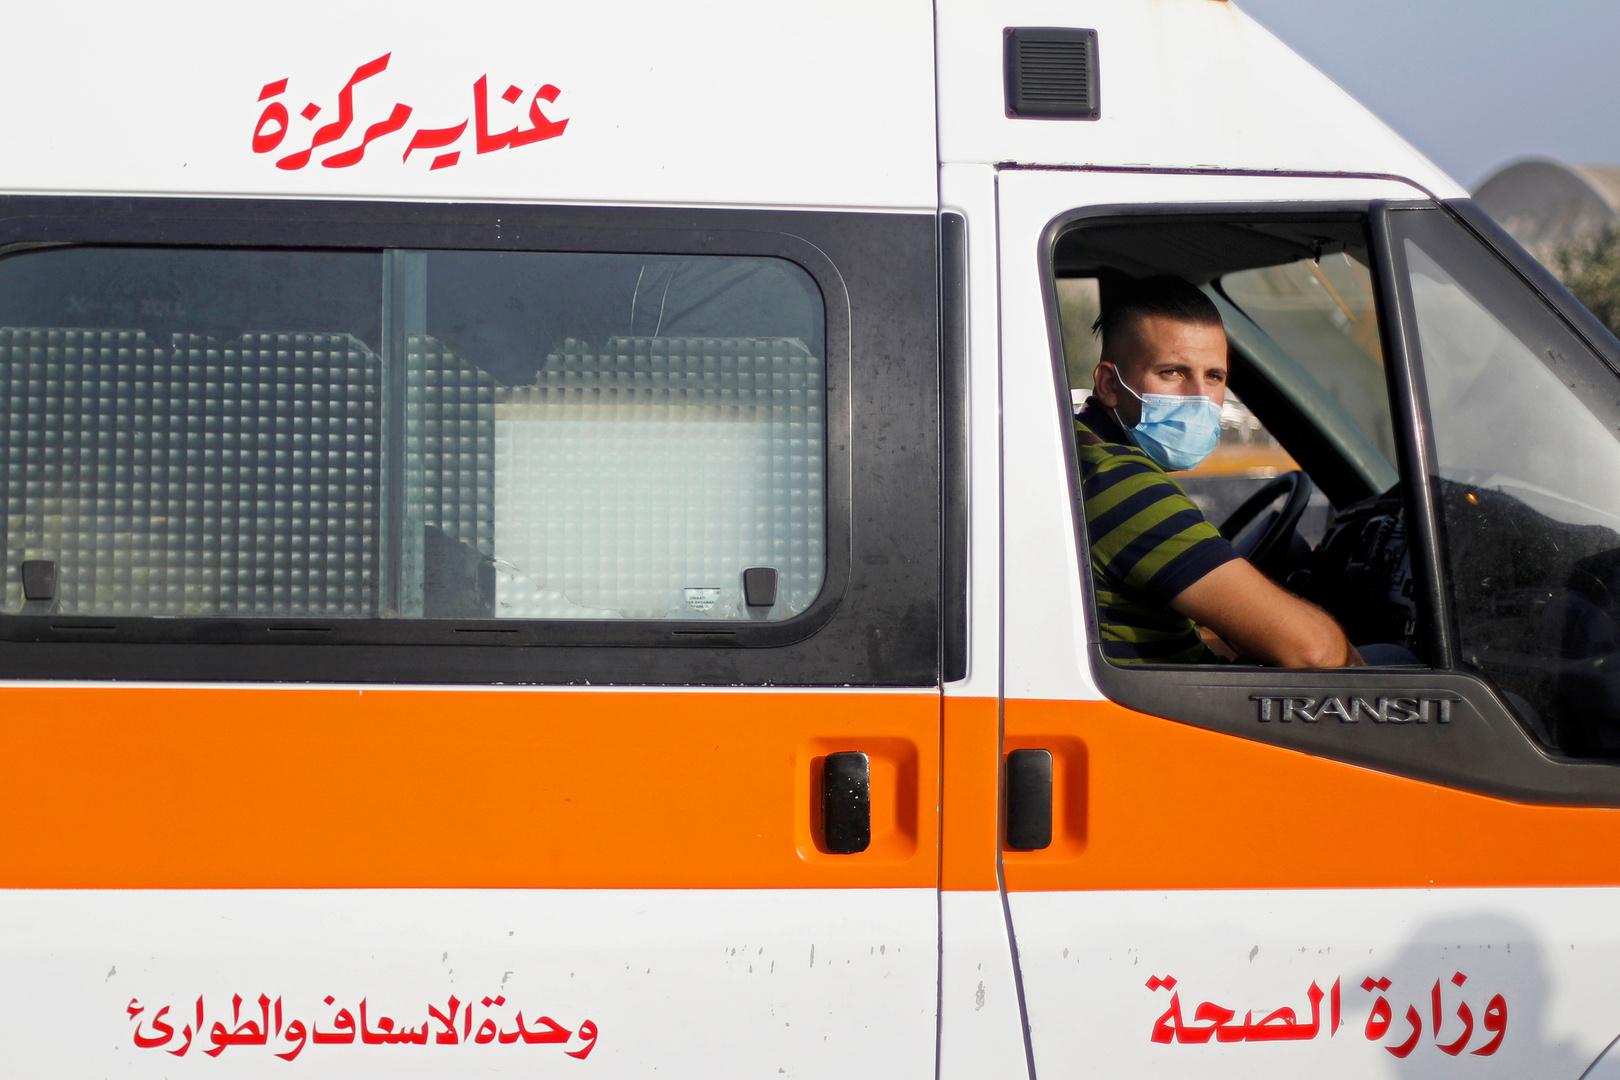 تفاصيل مصرع 6 سوريين من أسرة واحدة على الطريق الصحراوي في مصر ونجاة طفلة وحيدة